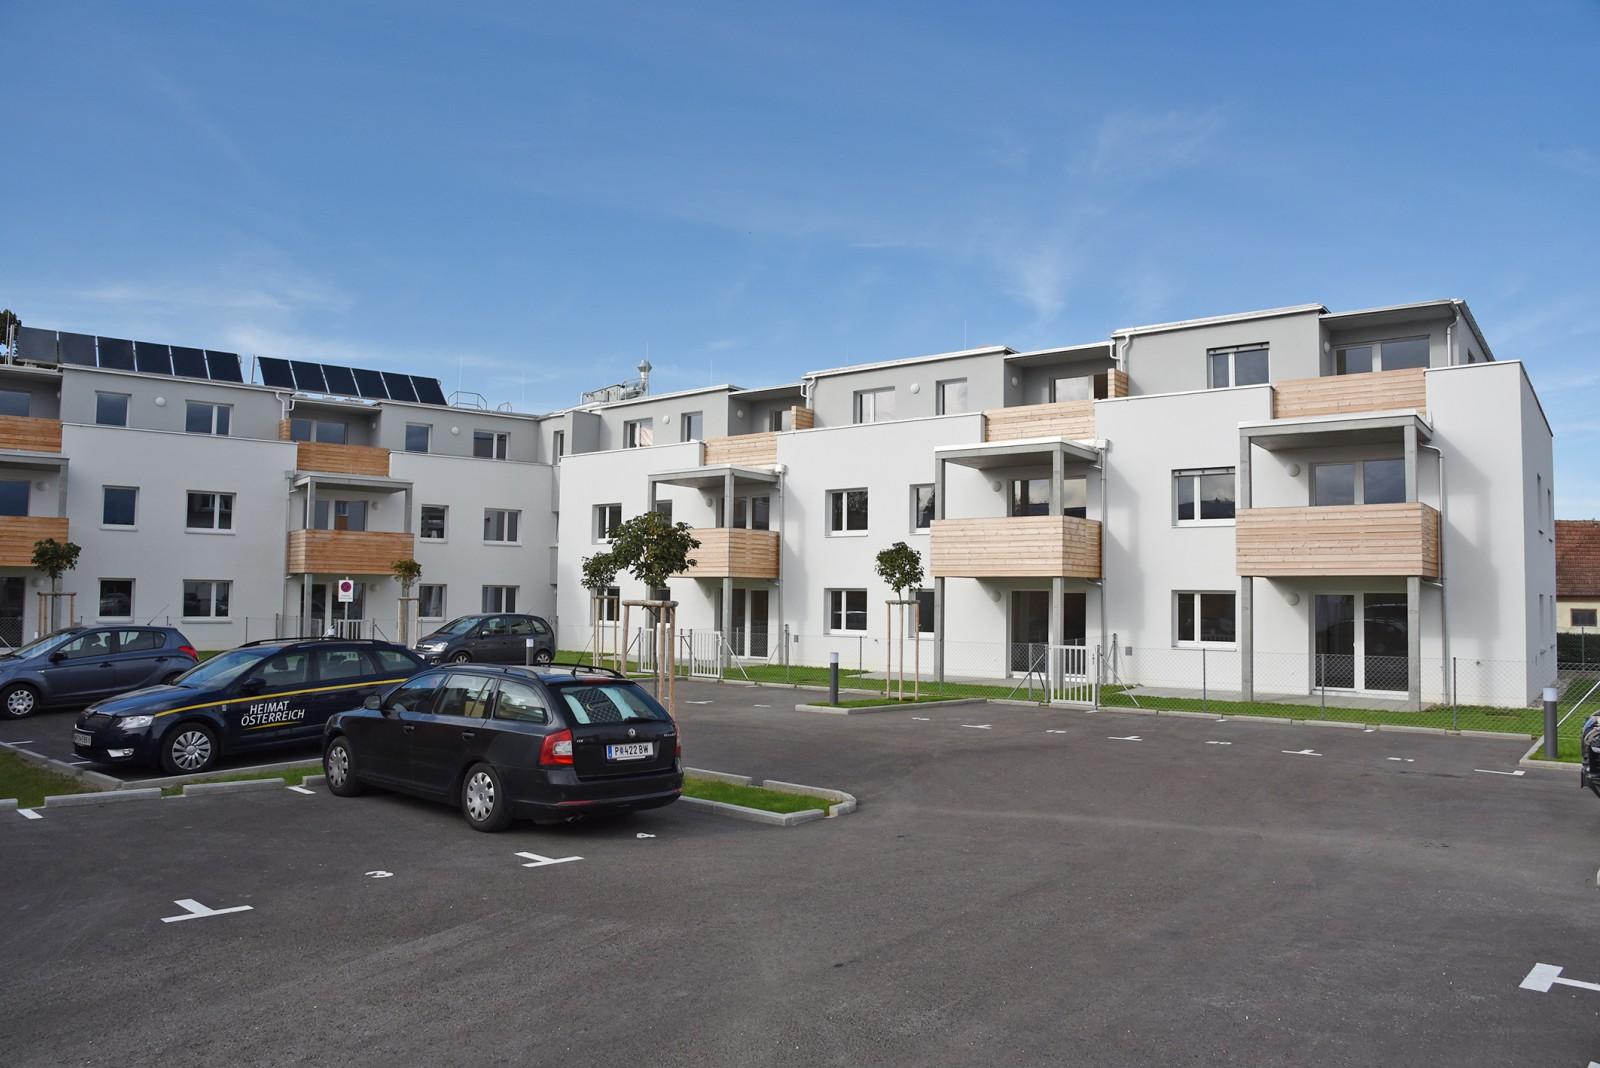 22 neue Wohnungen in Pottenbrunn